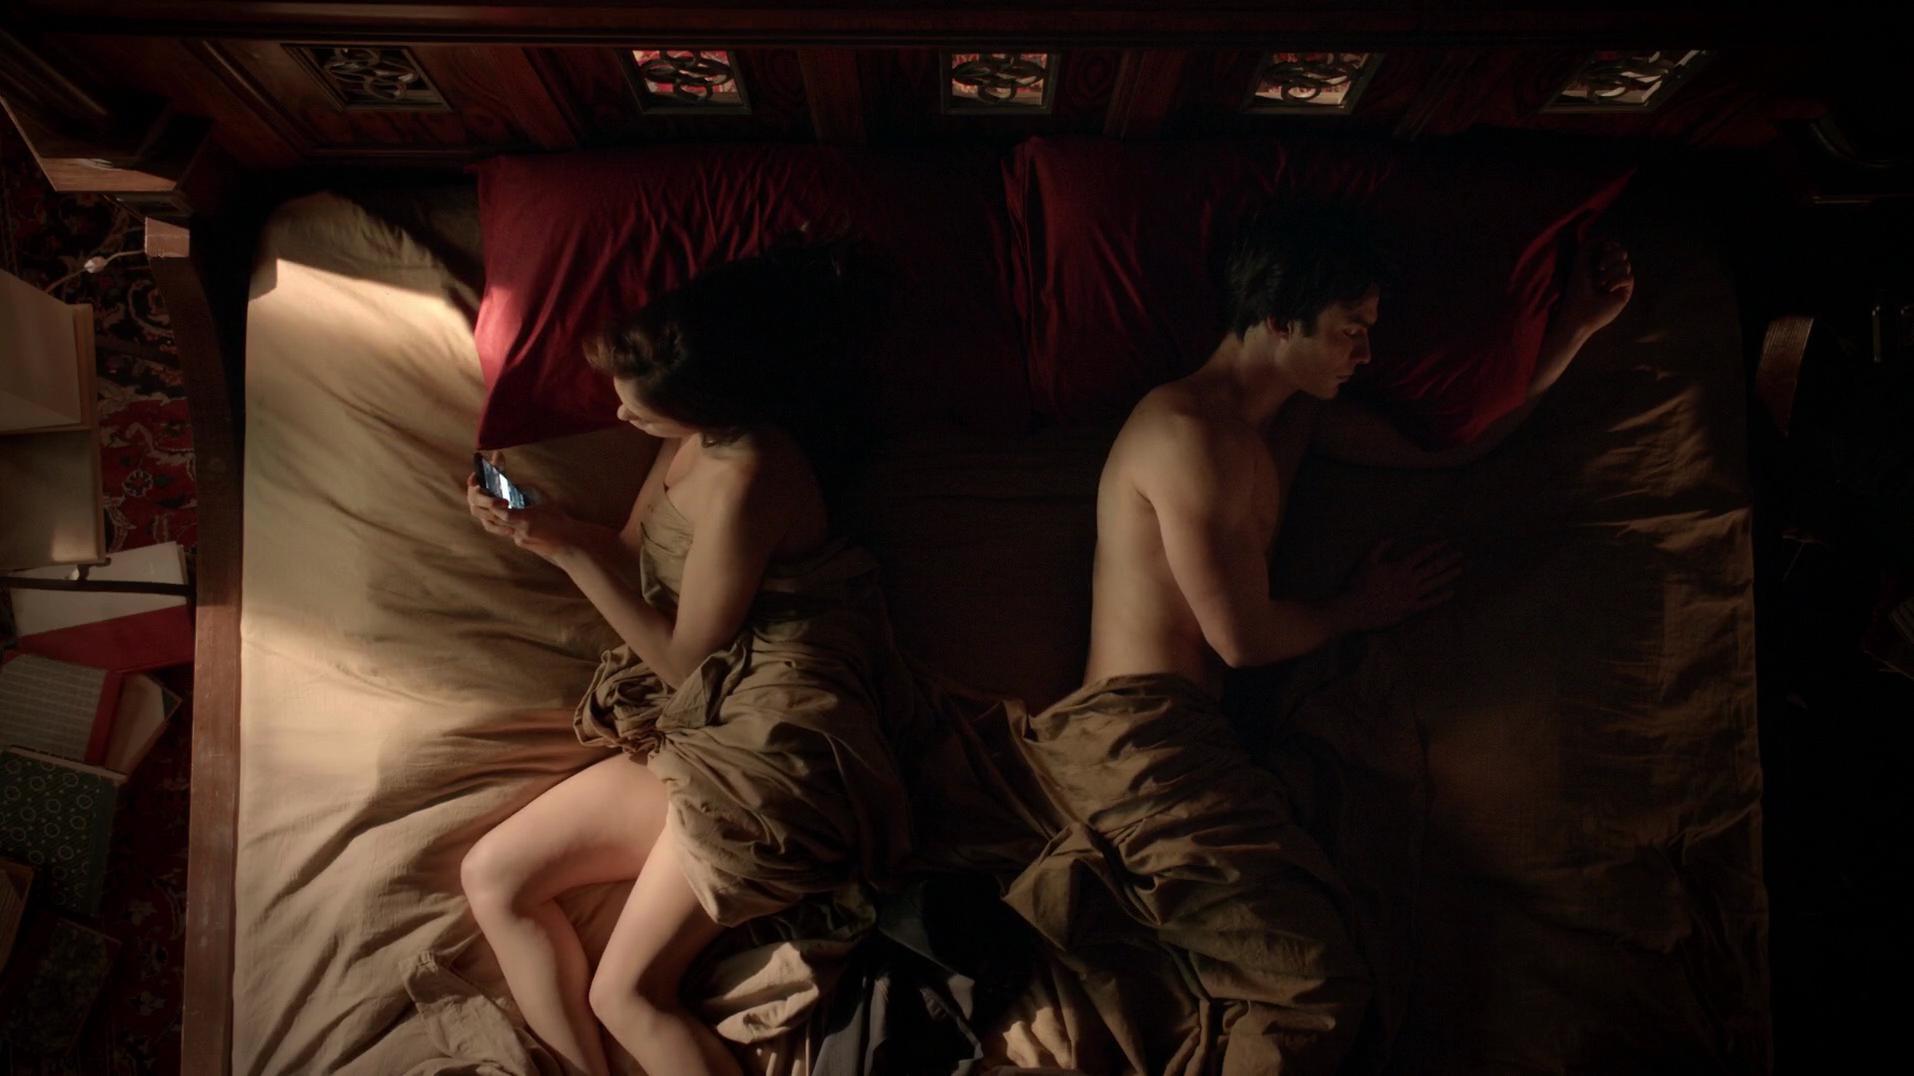 Nina dobrev sex scene